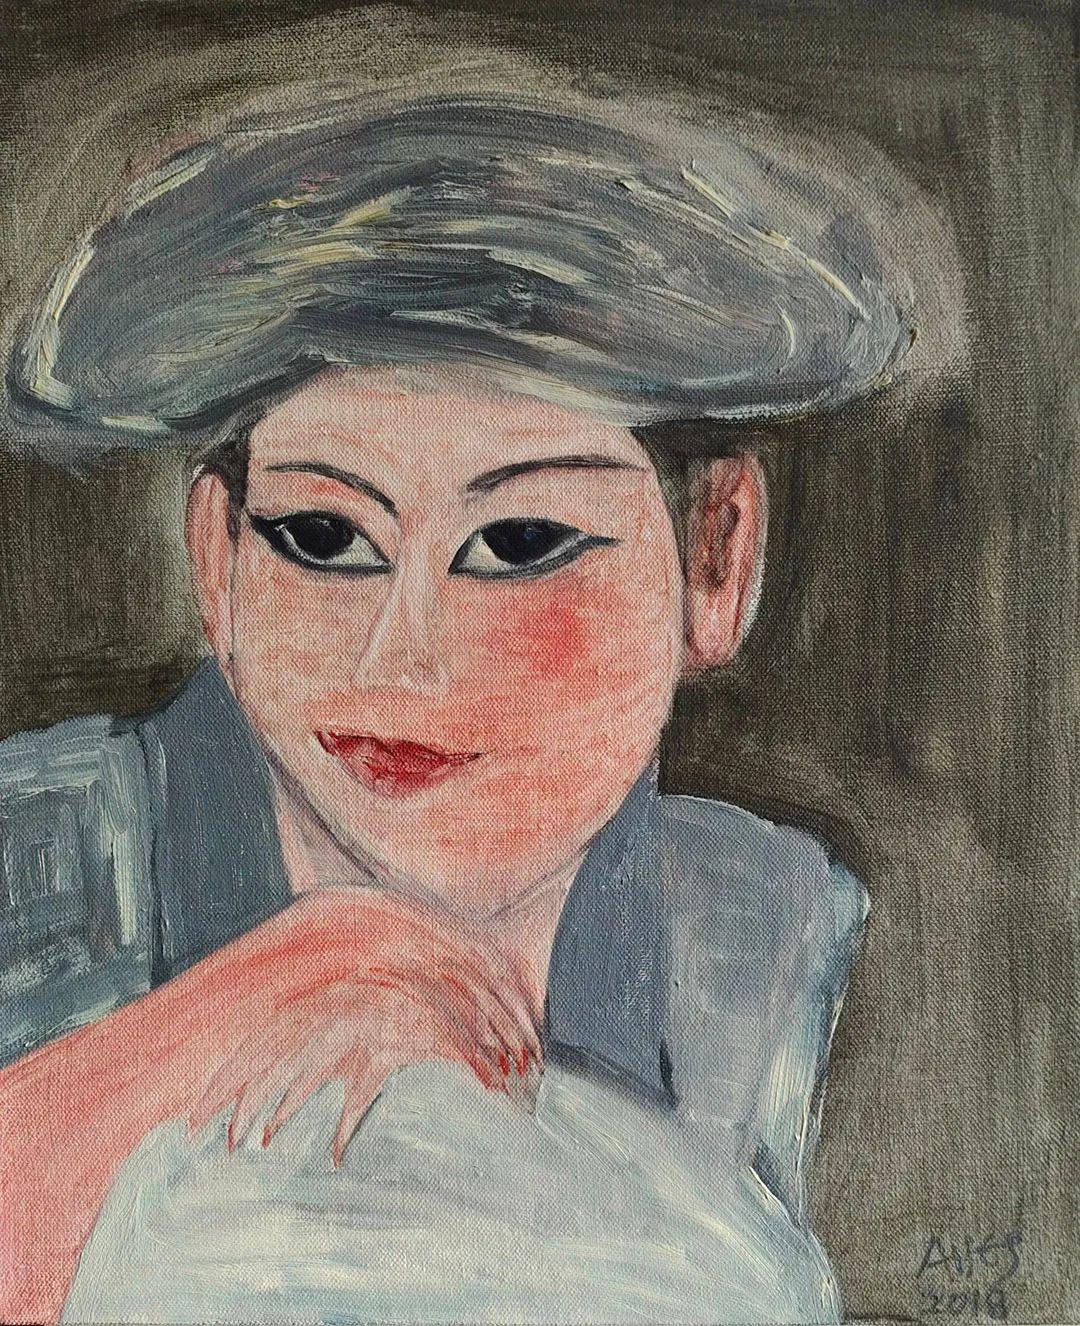 中国当代绘画艺术展作品欣赏之 肖梦插图5